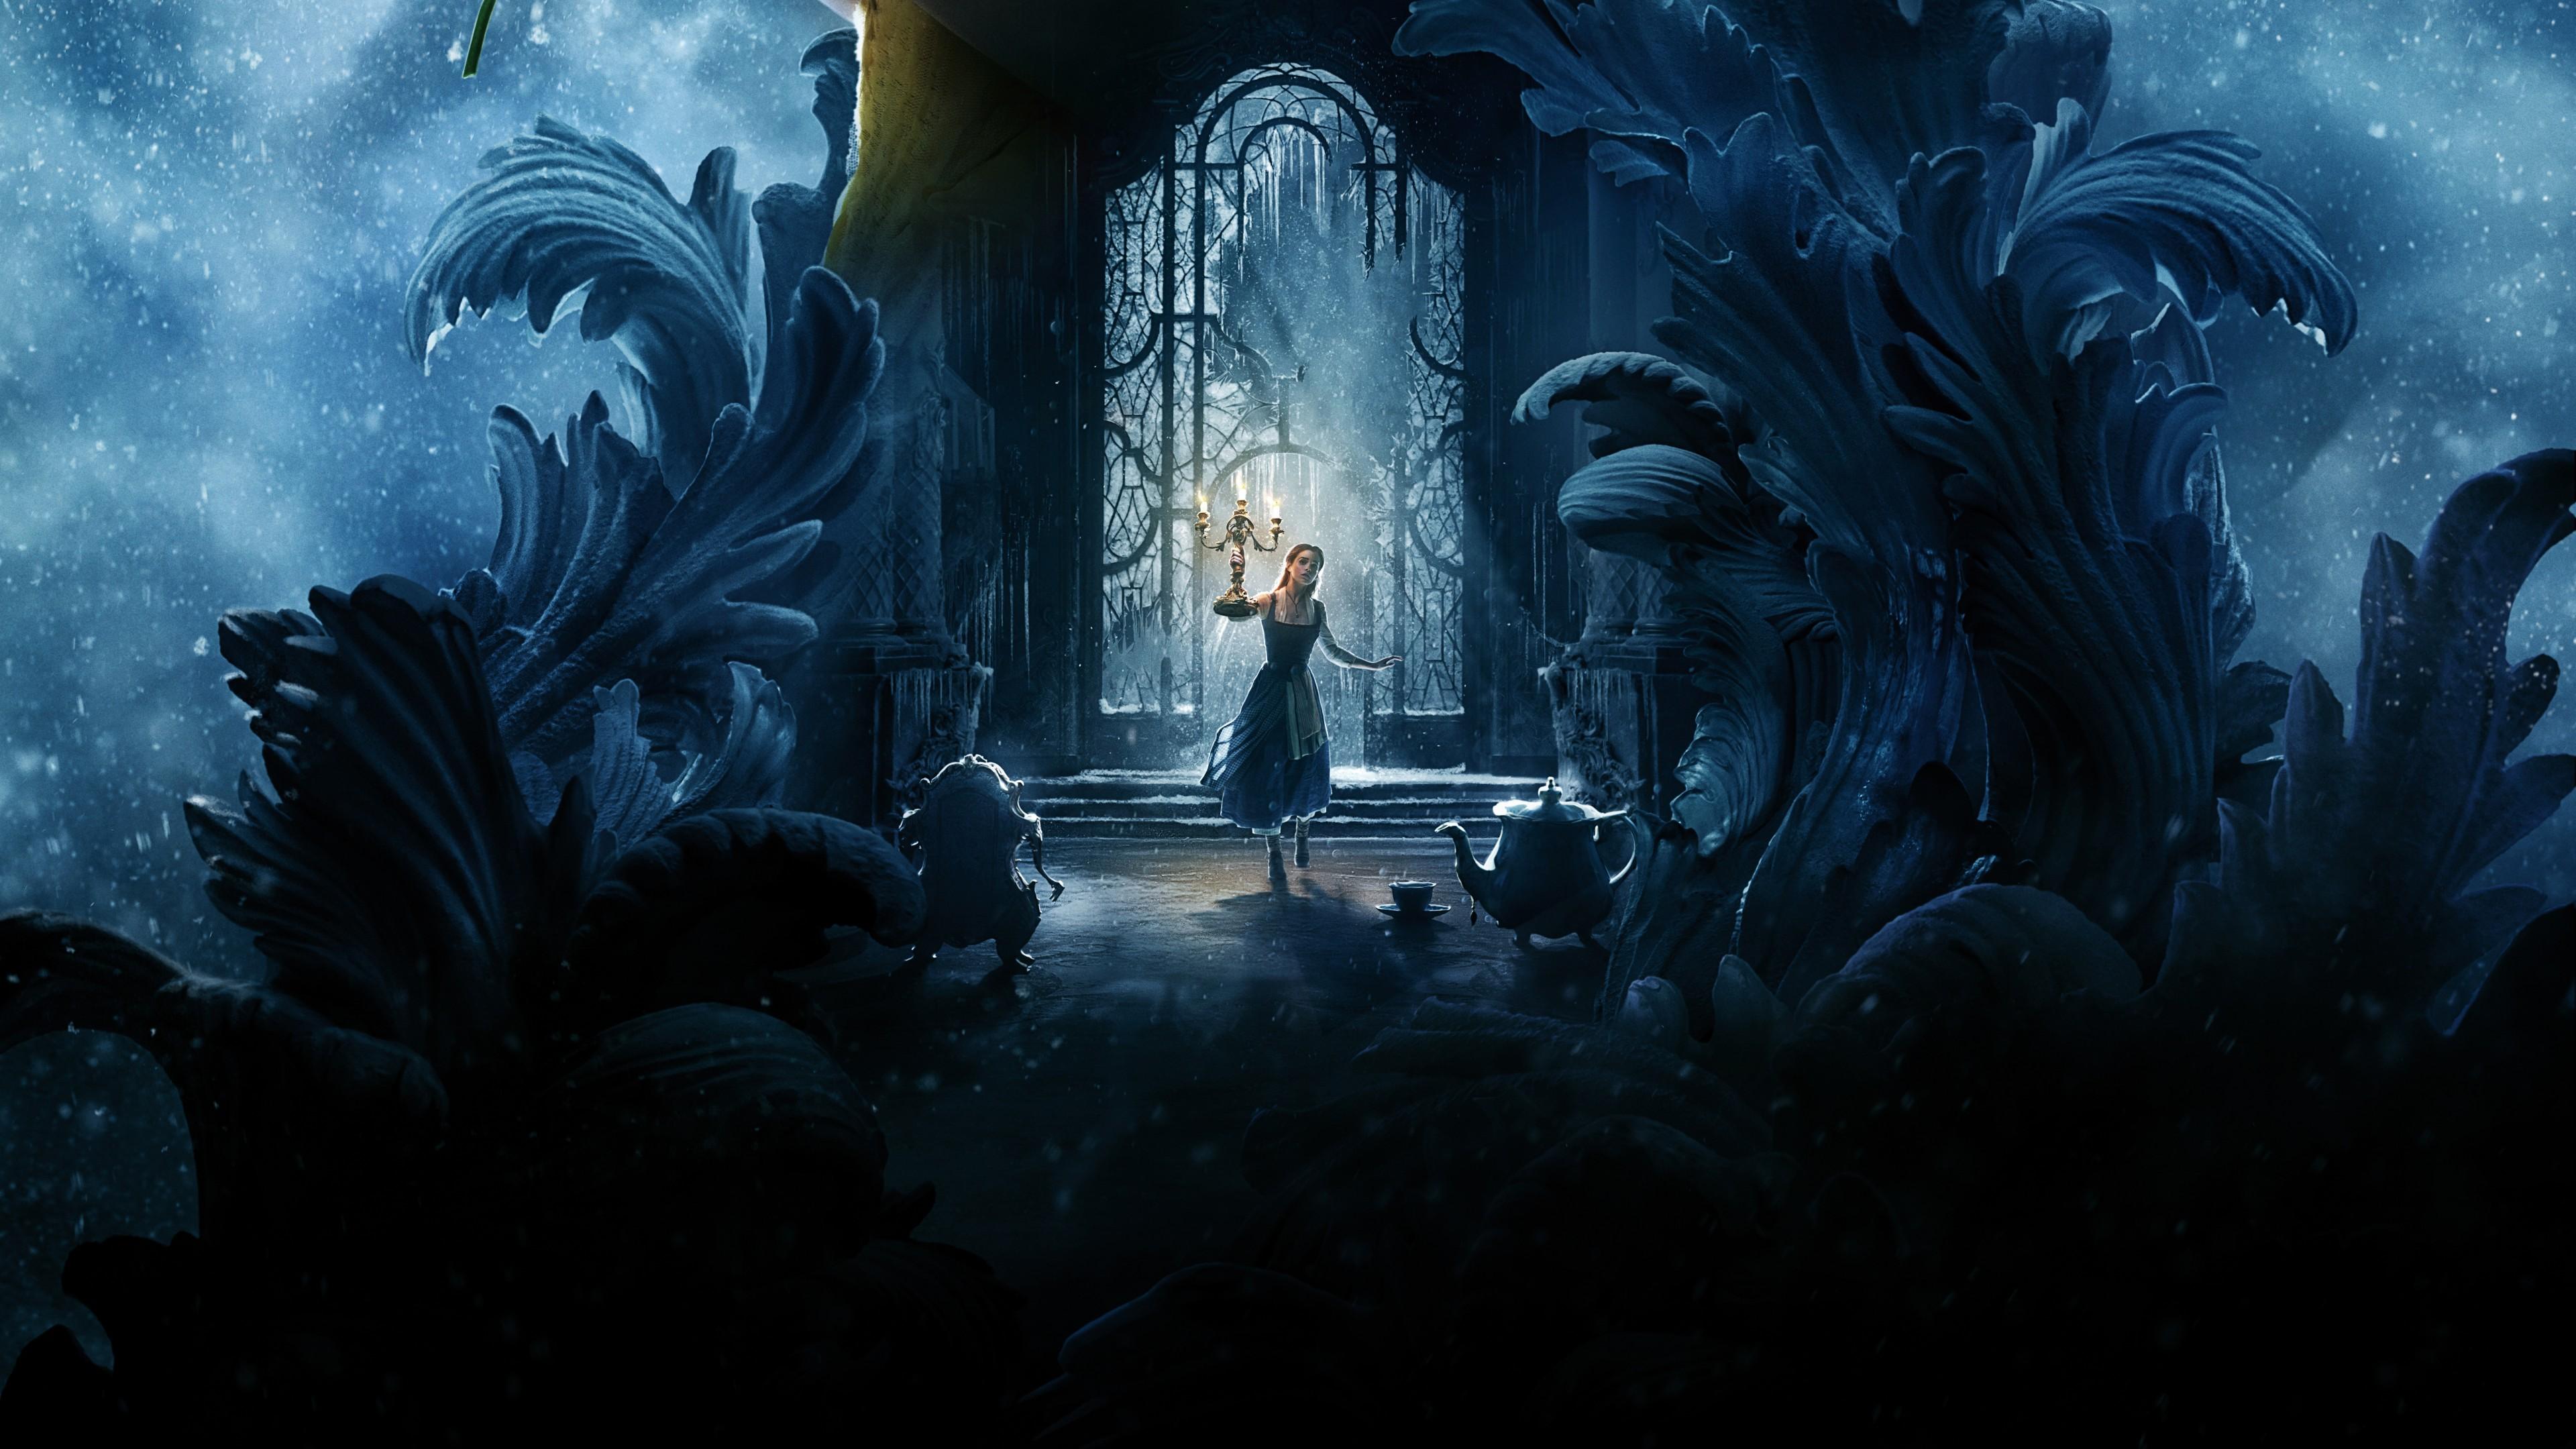 3d Fantasy Desktop Wallpapers Beauty And The Beast Emma Watson 4k 8k Wallpapers Hd